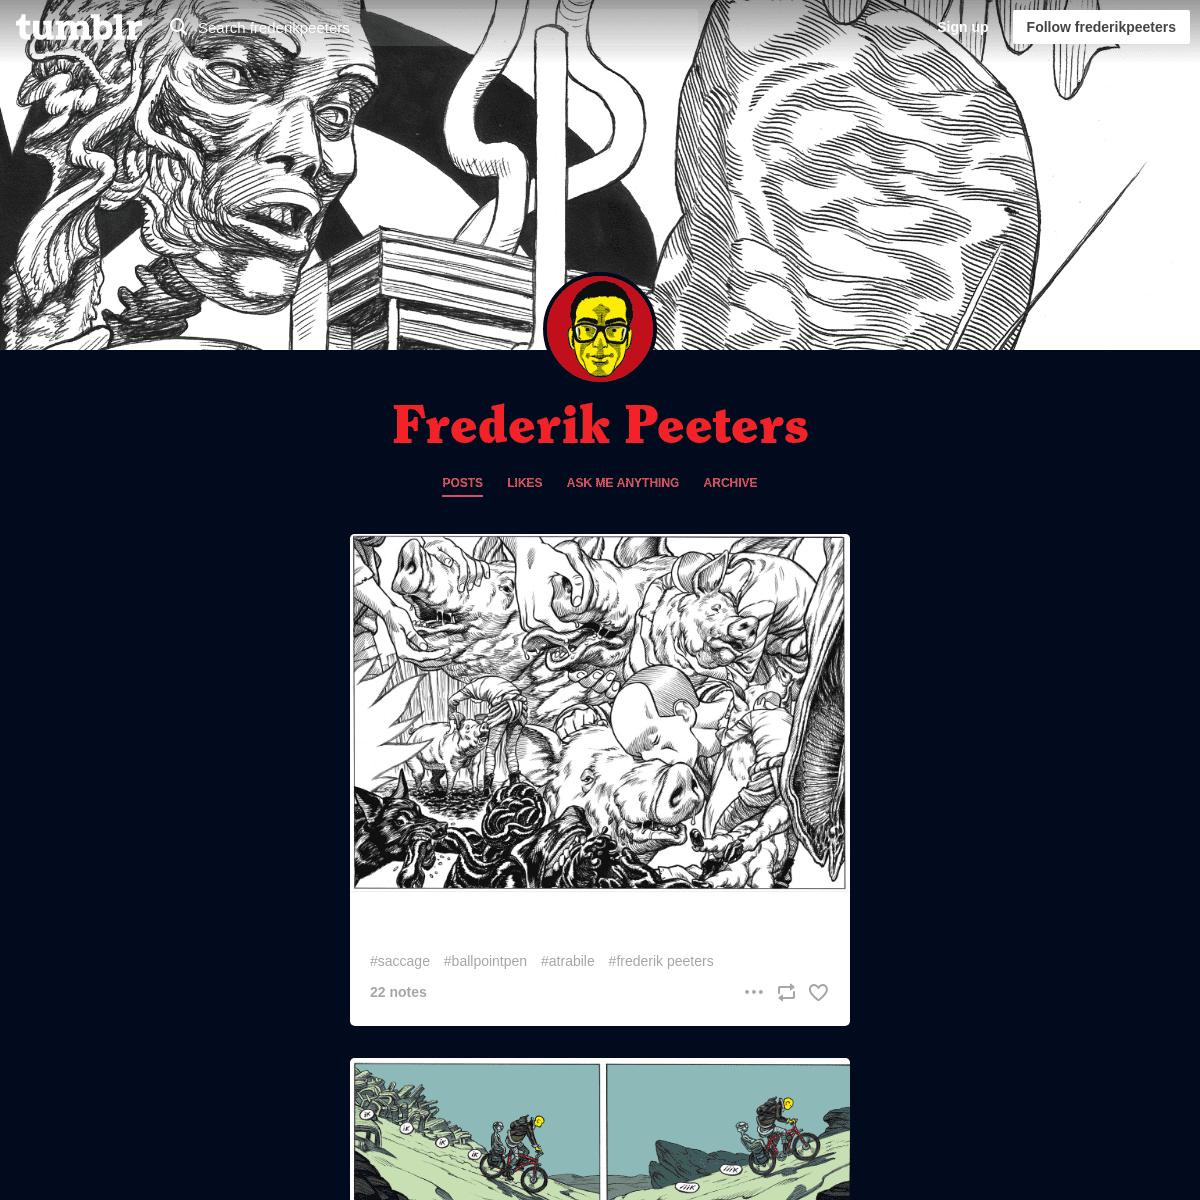 Frederik Peeters